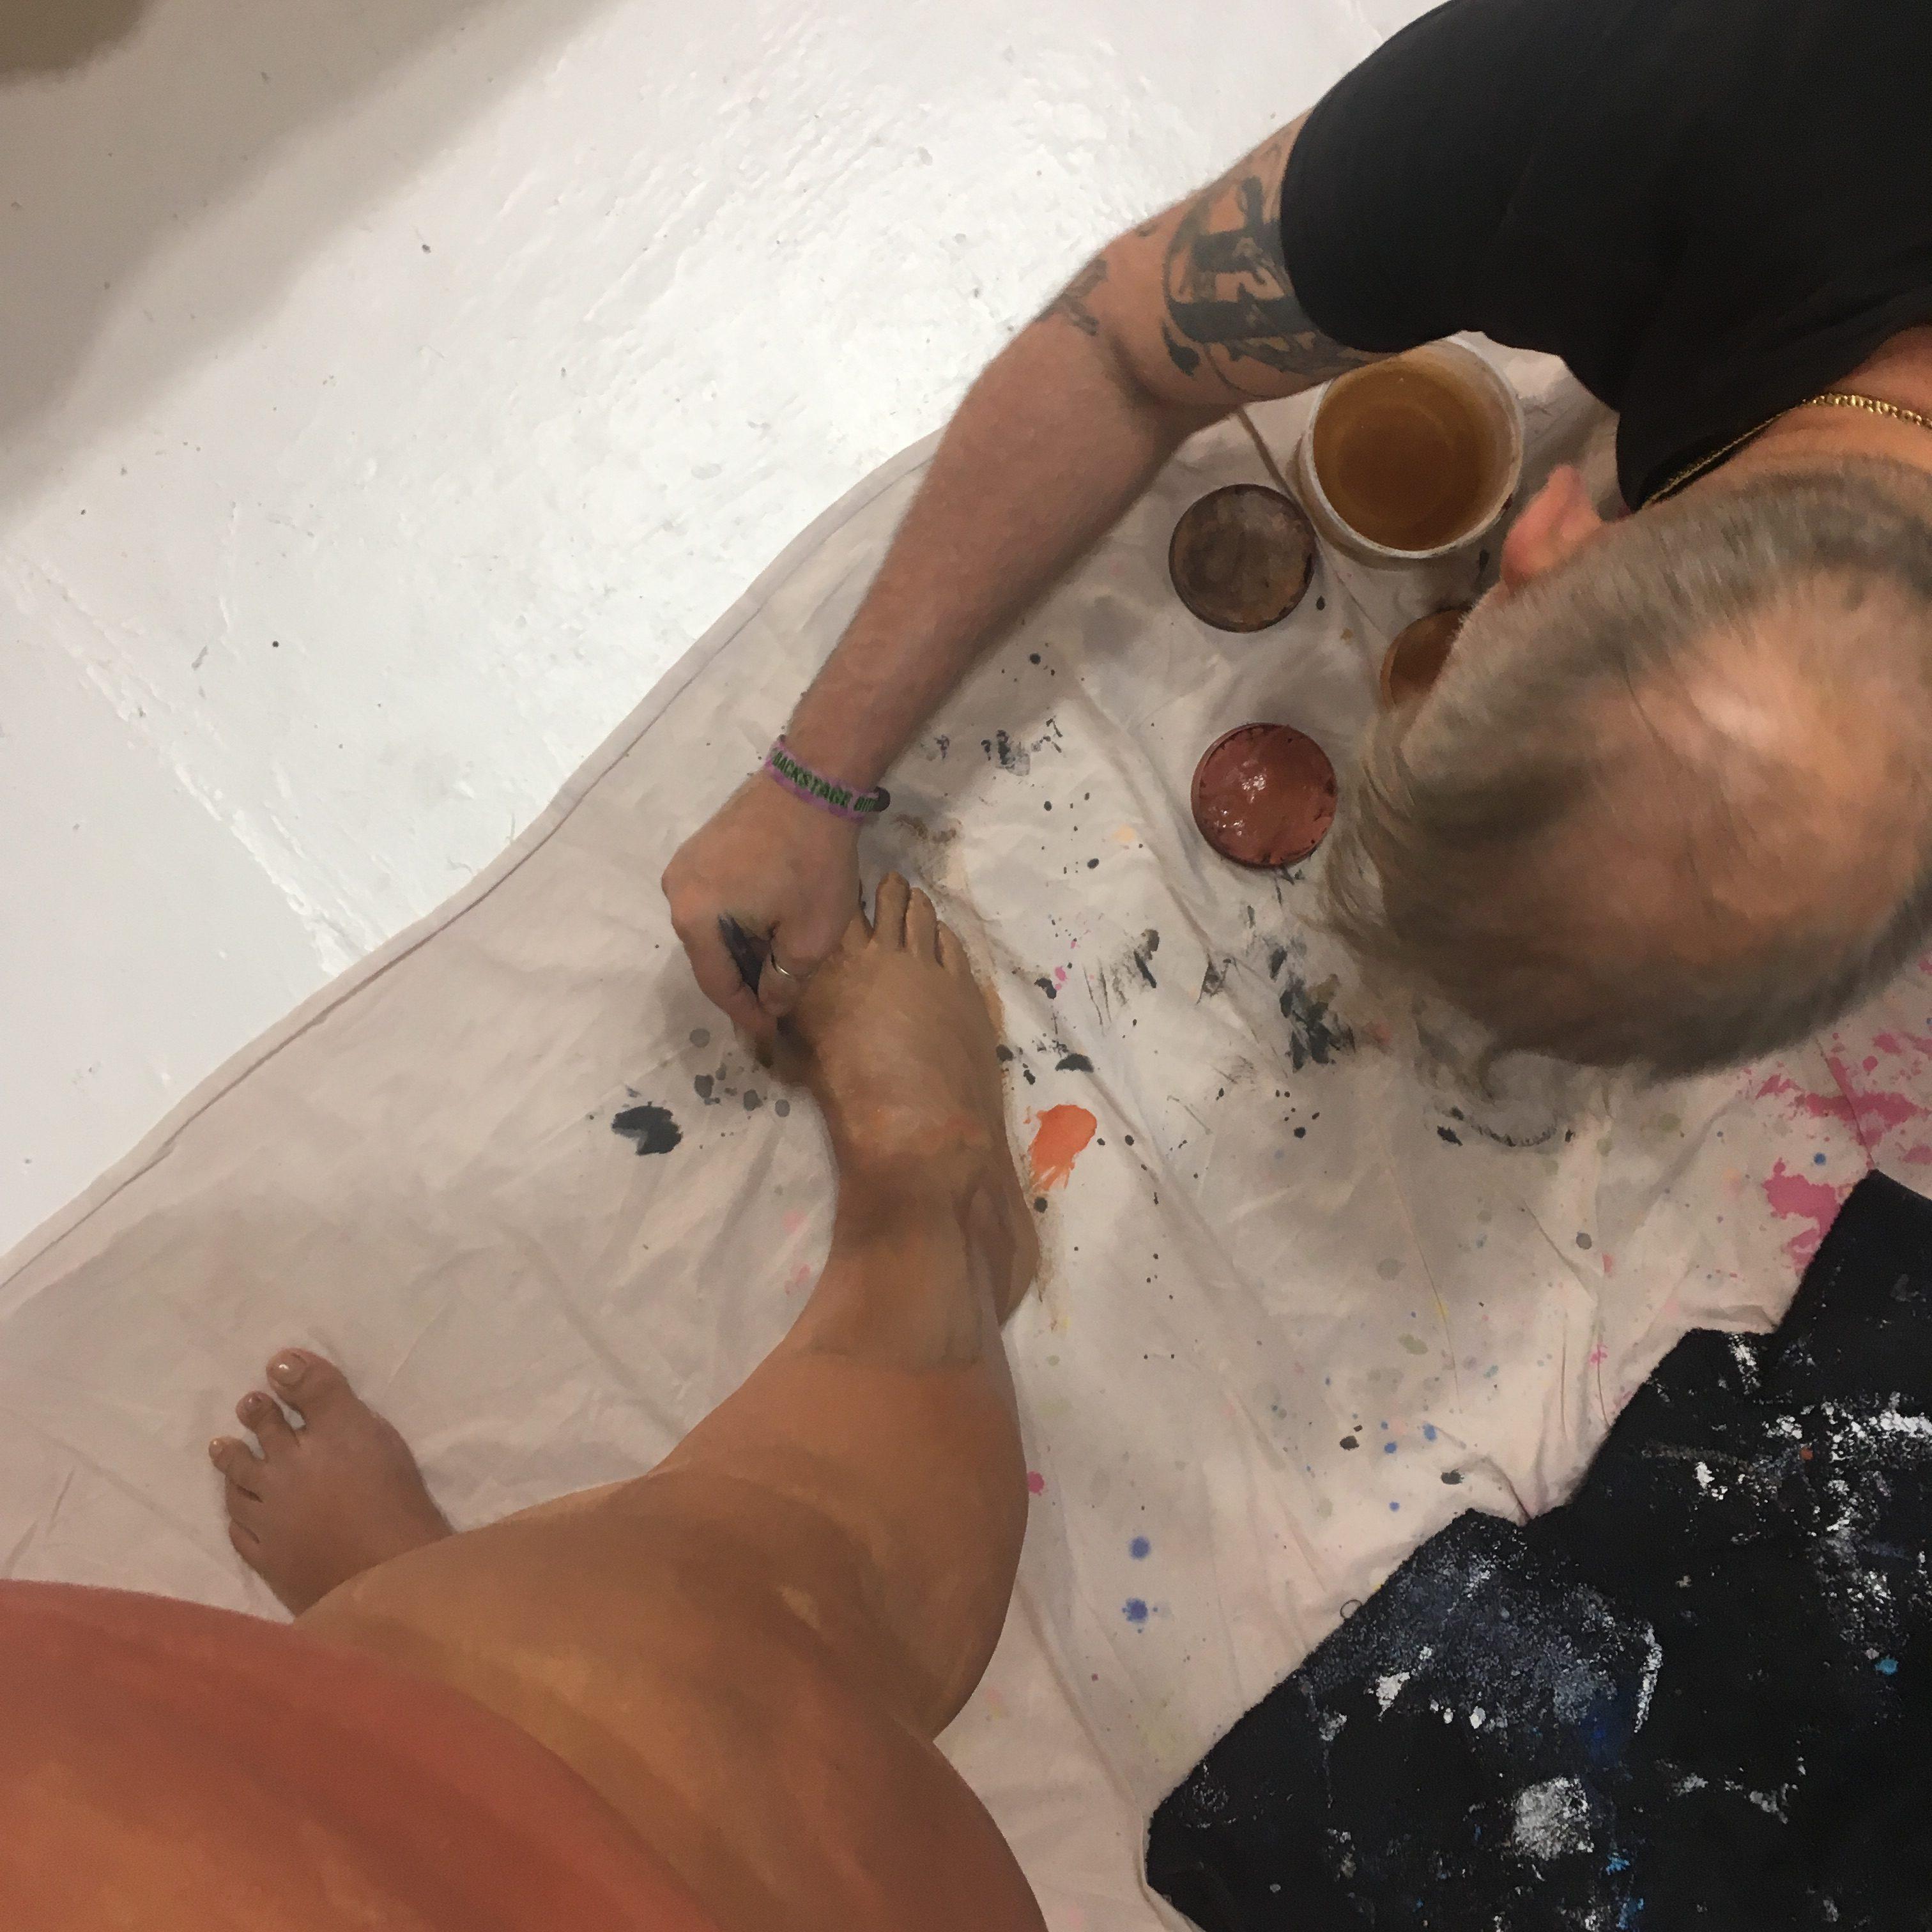 yep, I had a man at my foot, painting me